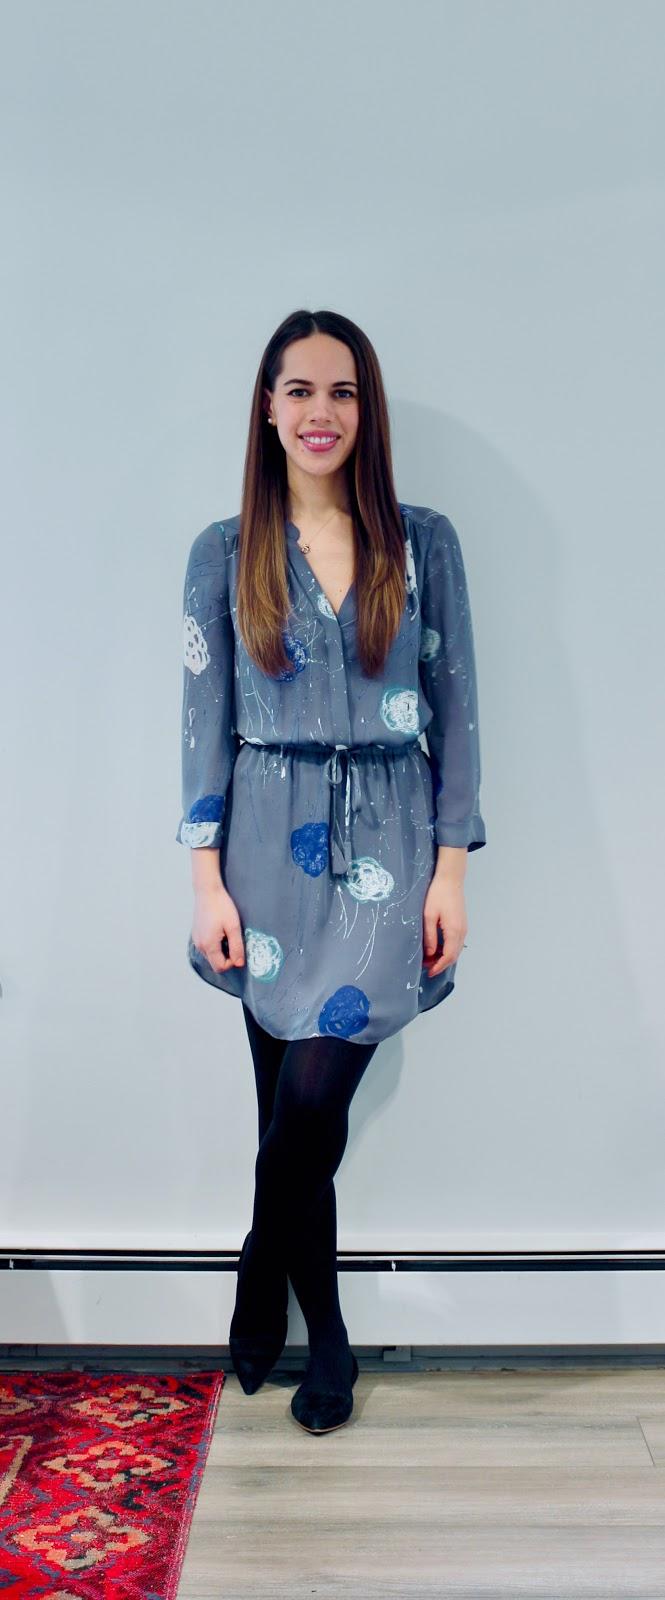 Jules in Flats - Aritzia Babaton Bennett Silk Shirt Dress (Business Casual Winter Workwear on a Budget)